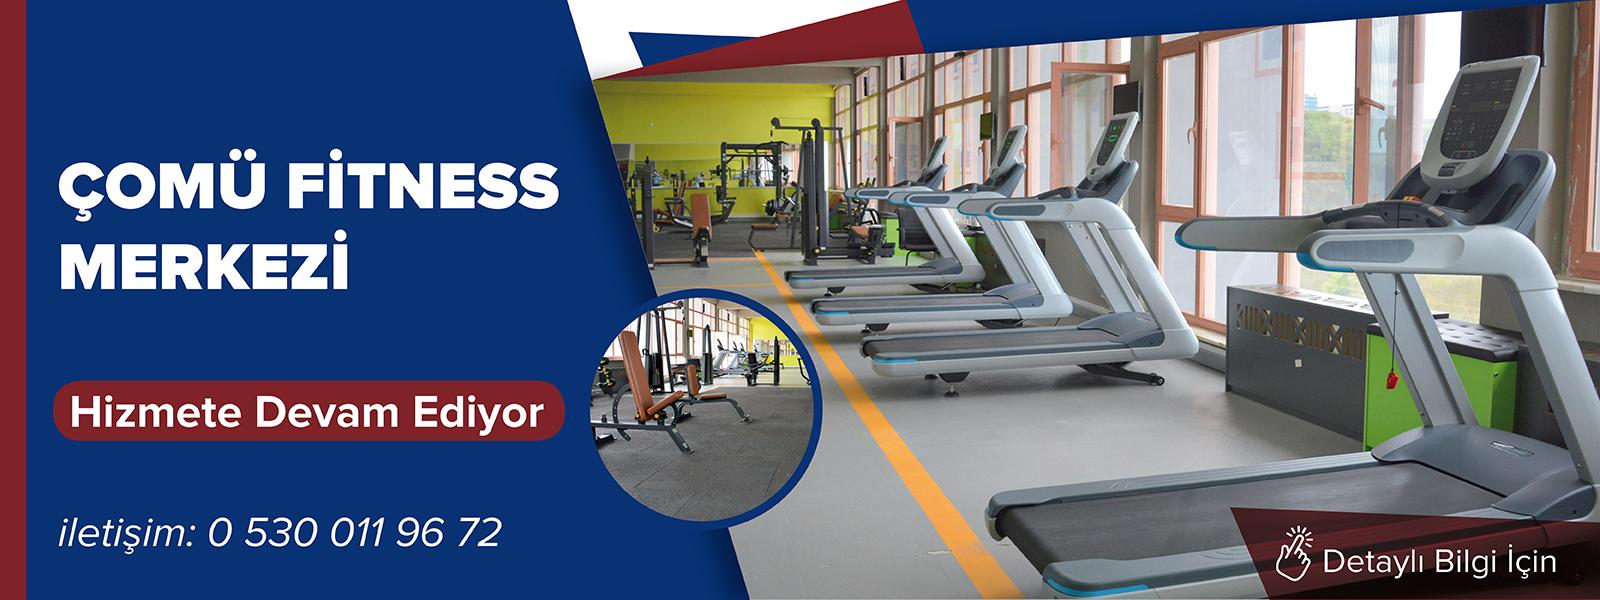 ÇOMÜ Fitness